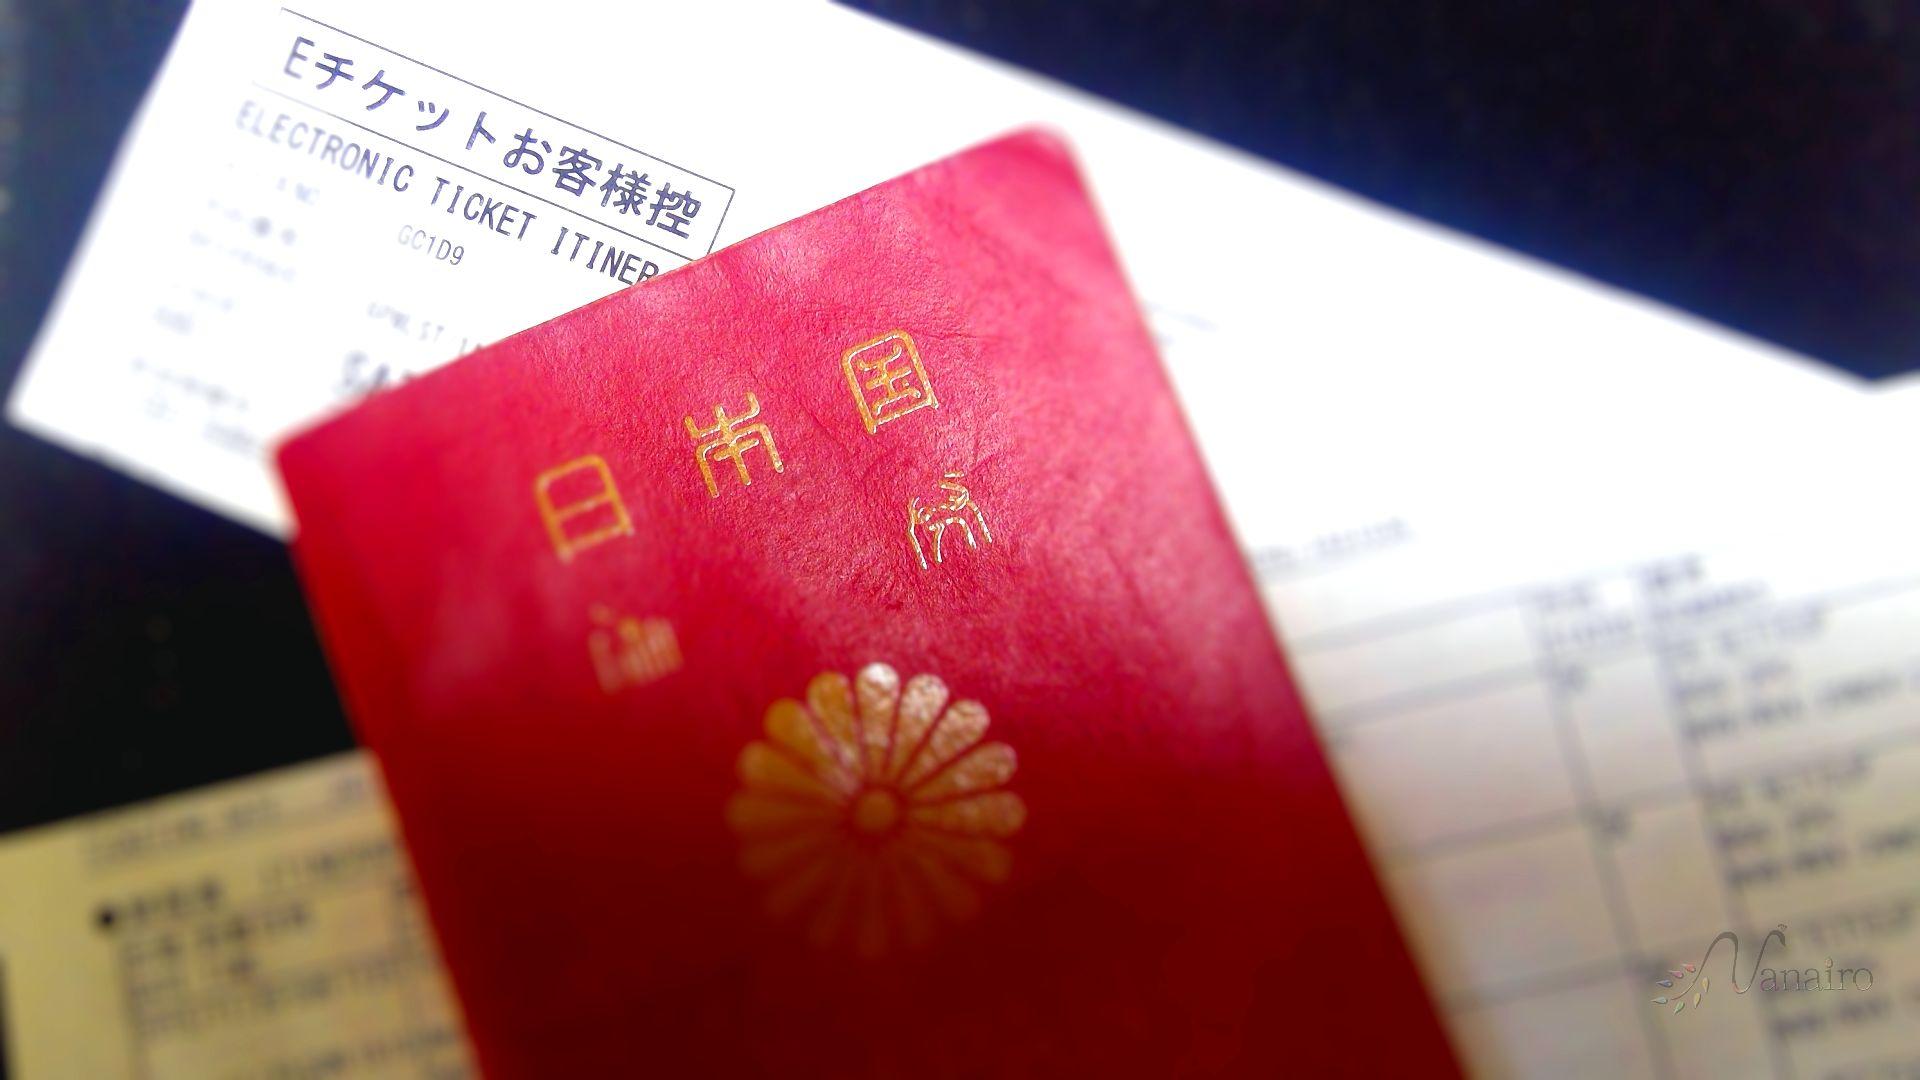 台湾旅行でパスポートを失くしたら?帰国のための手続き方法